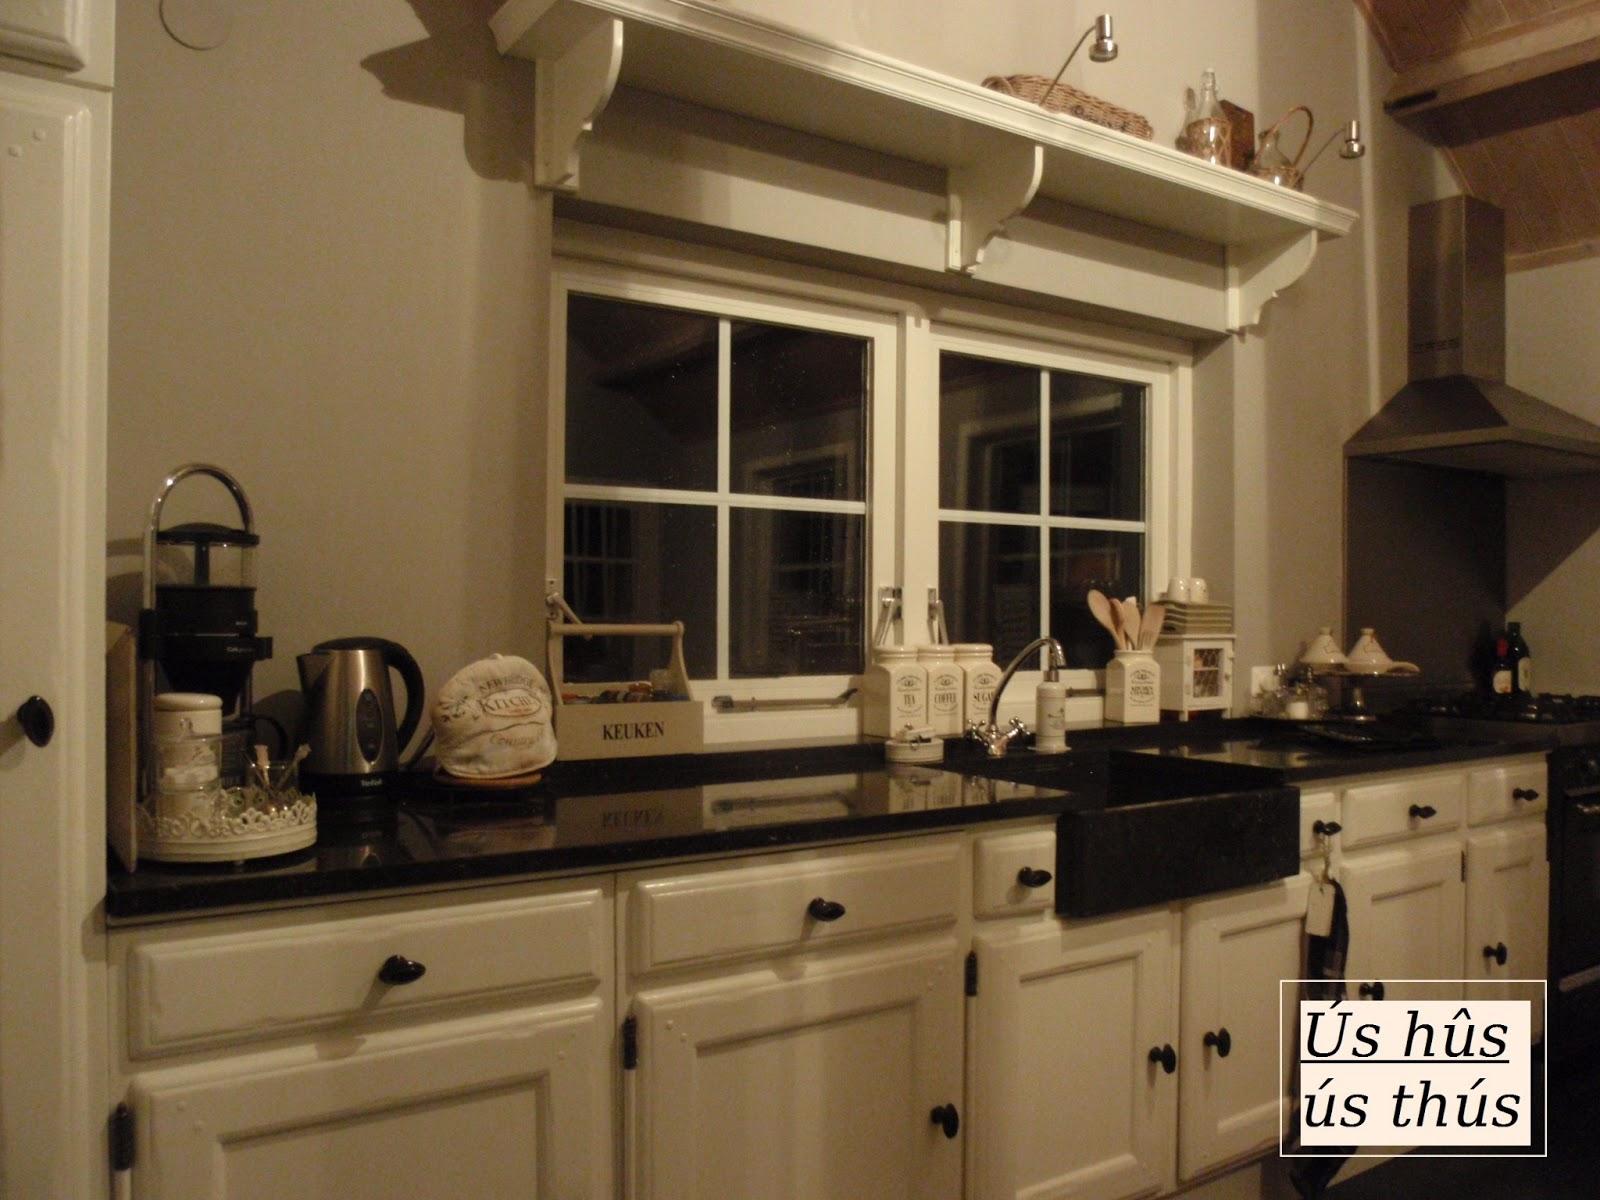 kleur tegels bij grijze keuken. Welke kleur tegels bij witte keuken ...